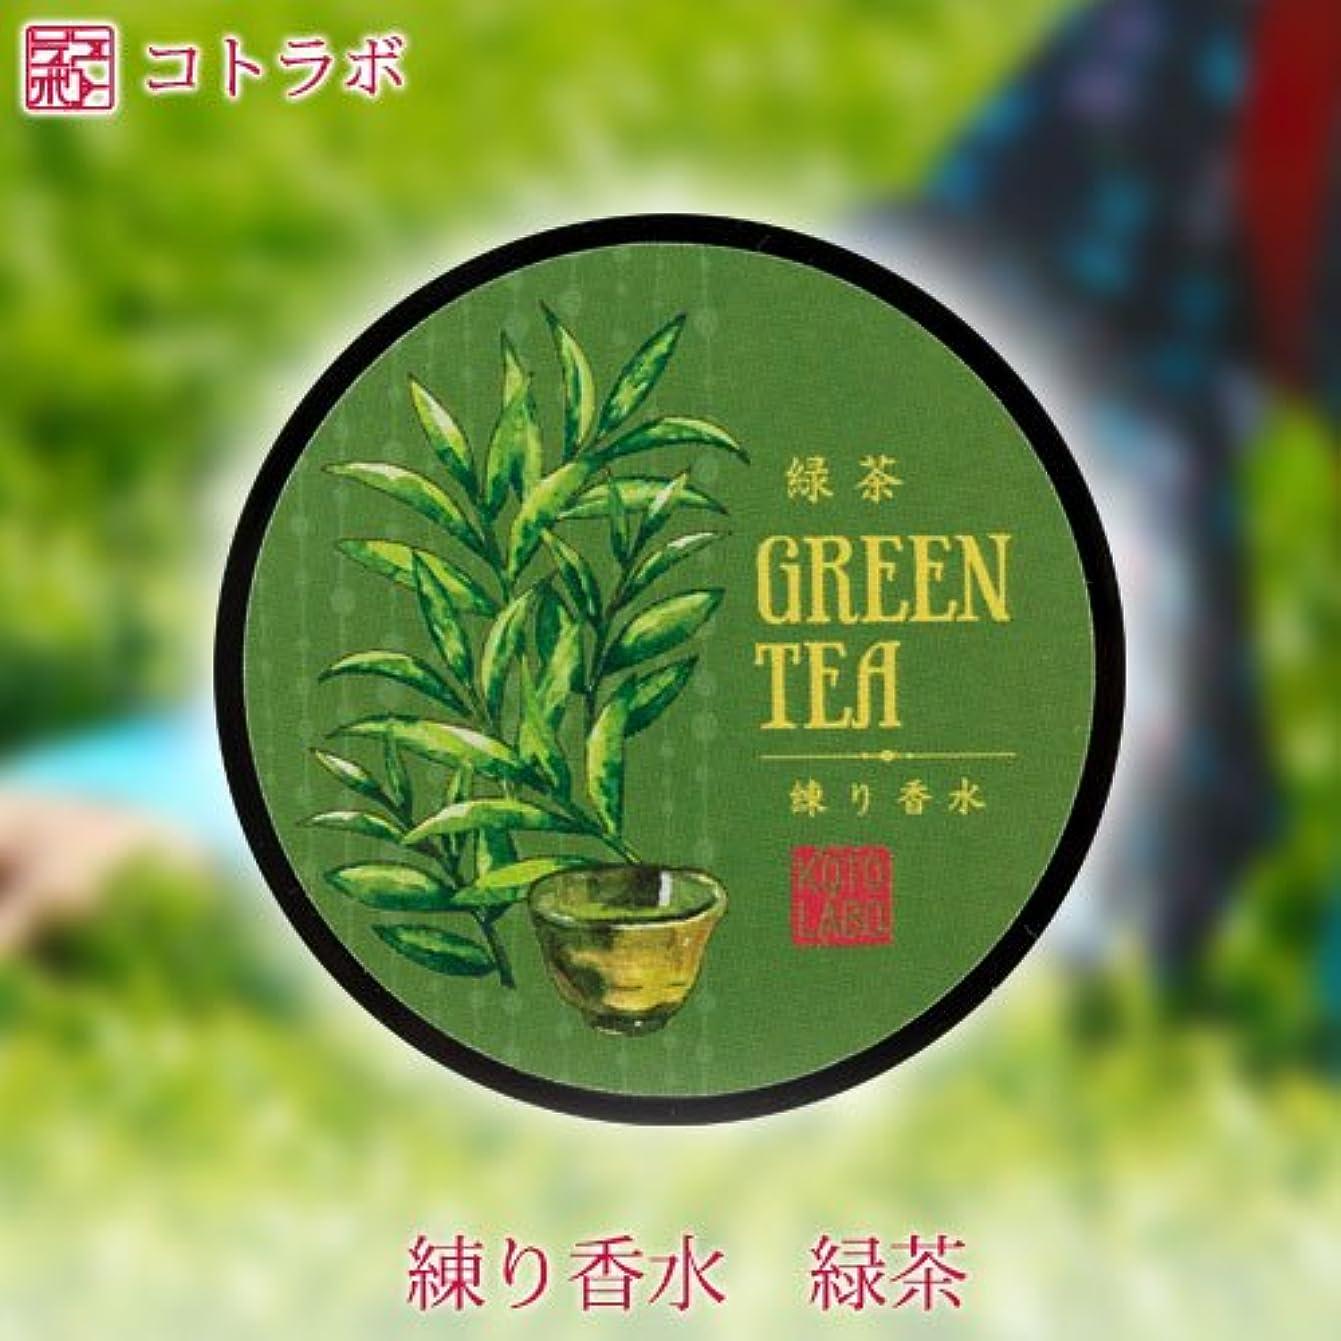 寝る石膏サイクロプスコトラボ練り香水京都謹製緑茶グリーンティーフローラルの香りソリッドパフュームKotolabo solid perfume, Green tea